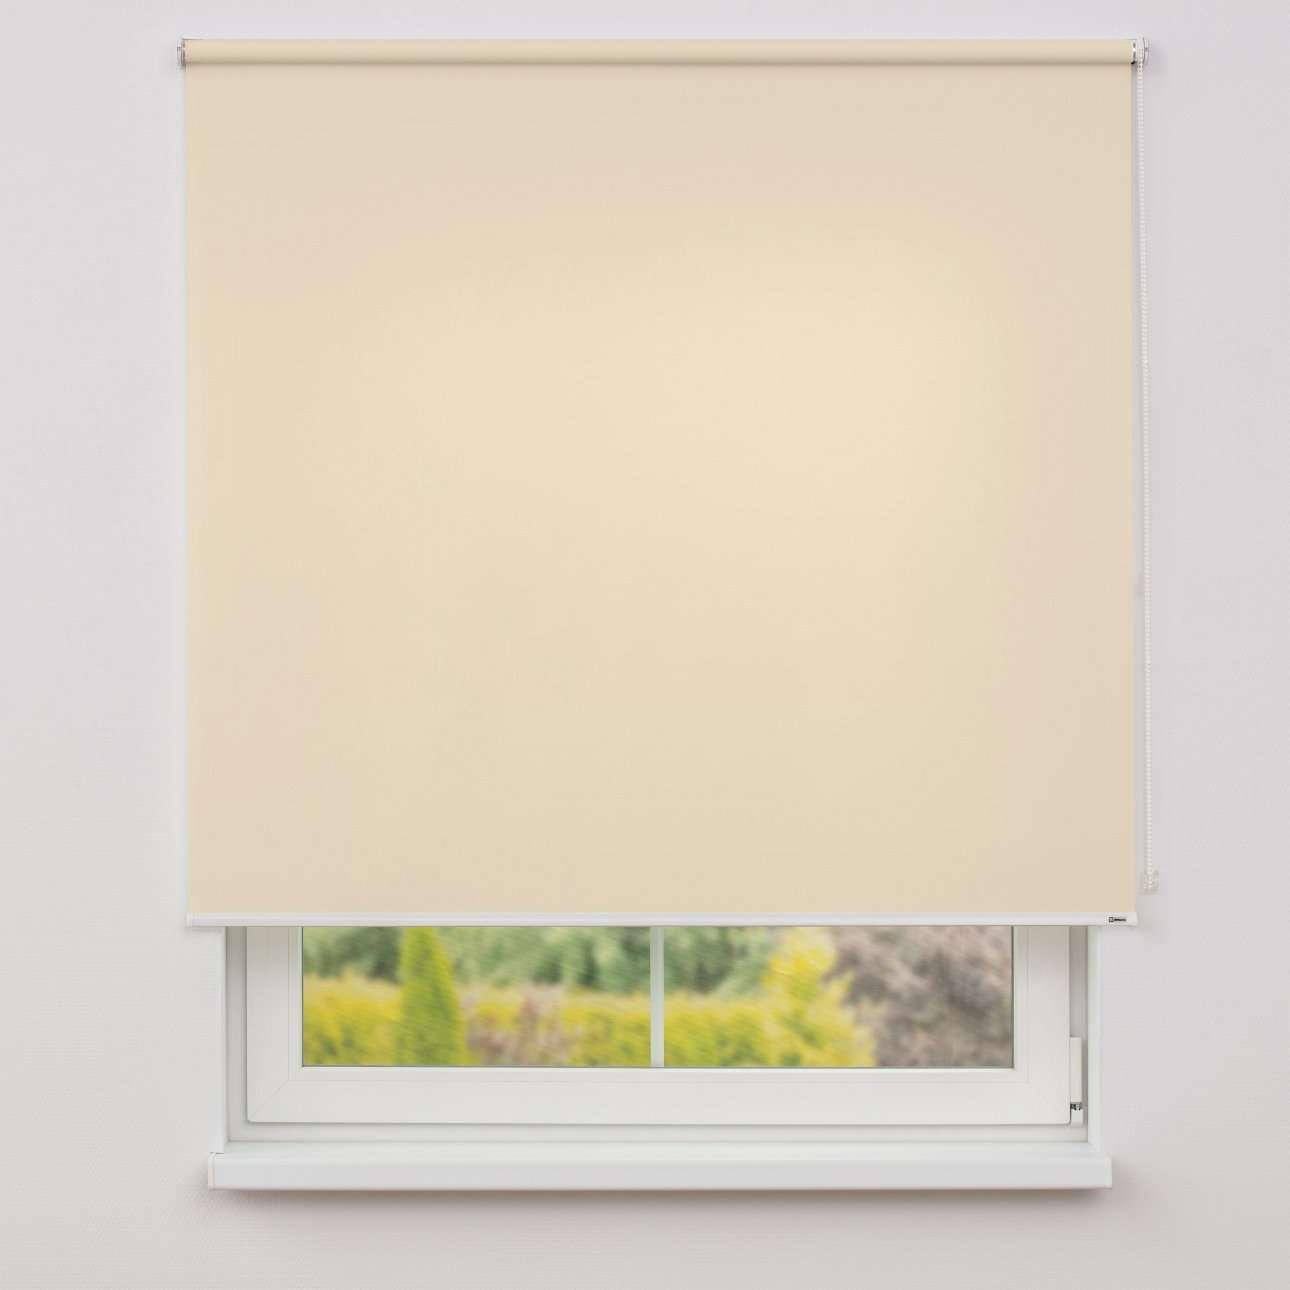 Rullegardiner transparent fra kolleksjonen Rullegardinstoff, Stoffets bredde: 4996